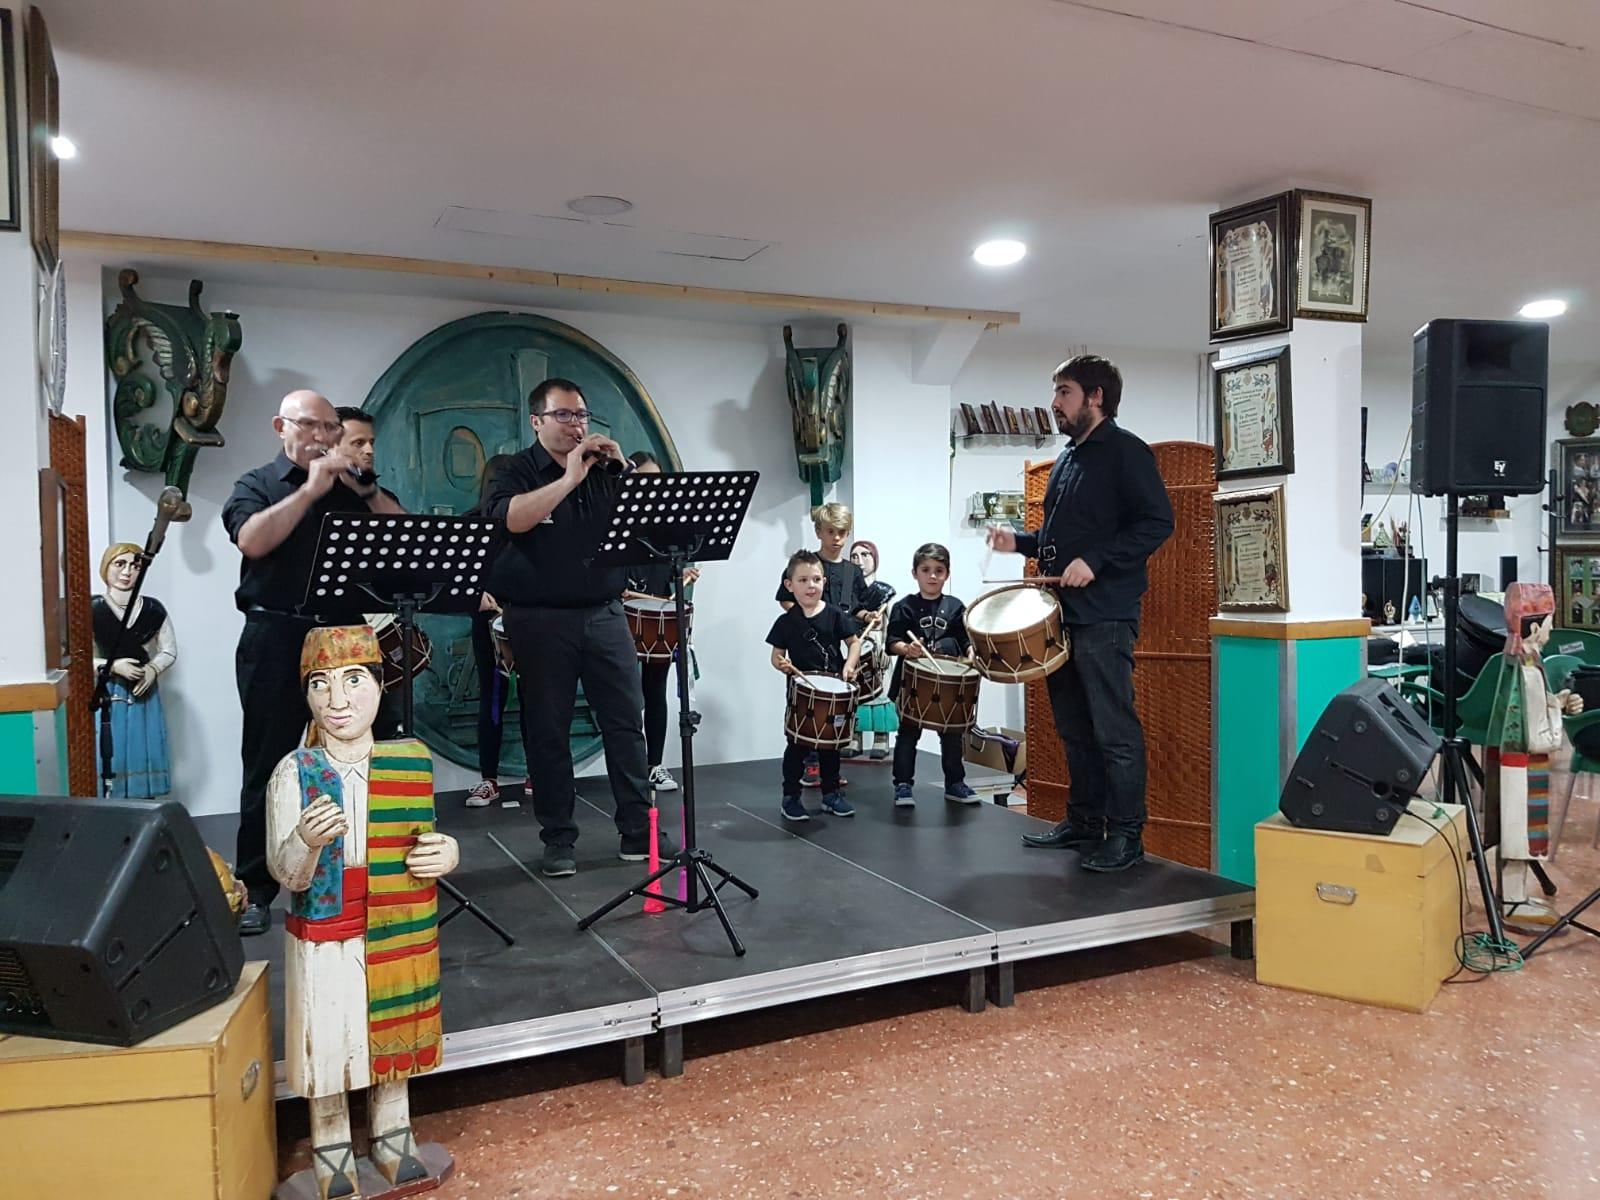 concertdonçaina-2018-06-09-19-06-57